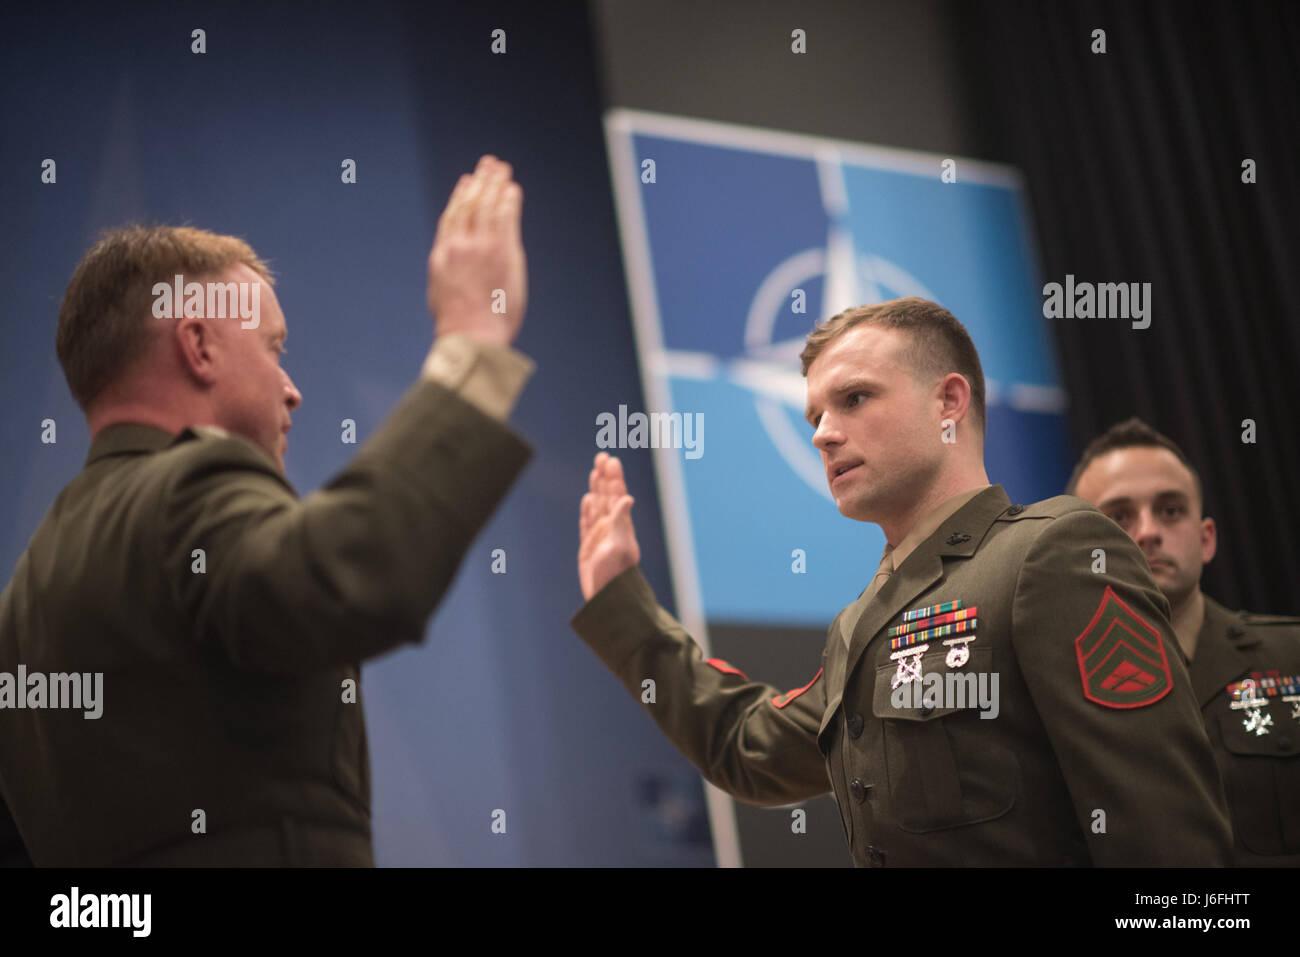 Marina de los EE.UU. el Coronel Philippe Rogers, delegación militar de Estados Unidos a la Organización Imagen De Stock